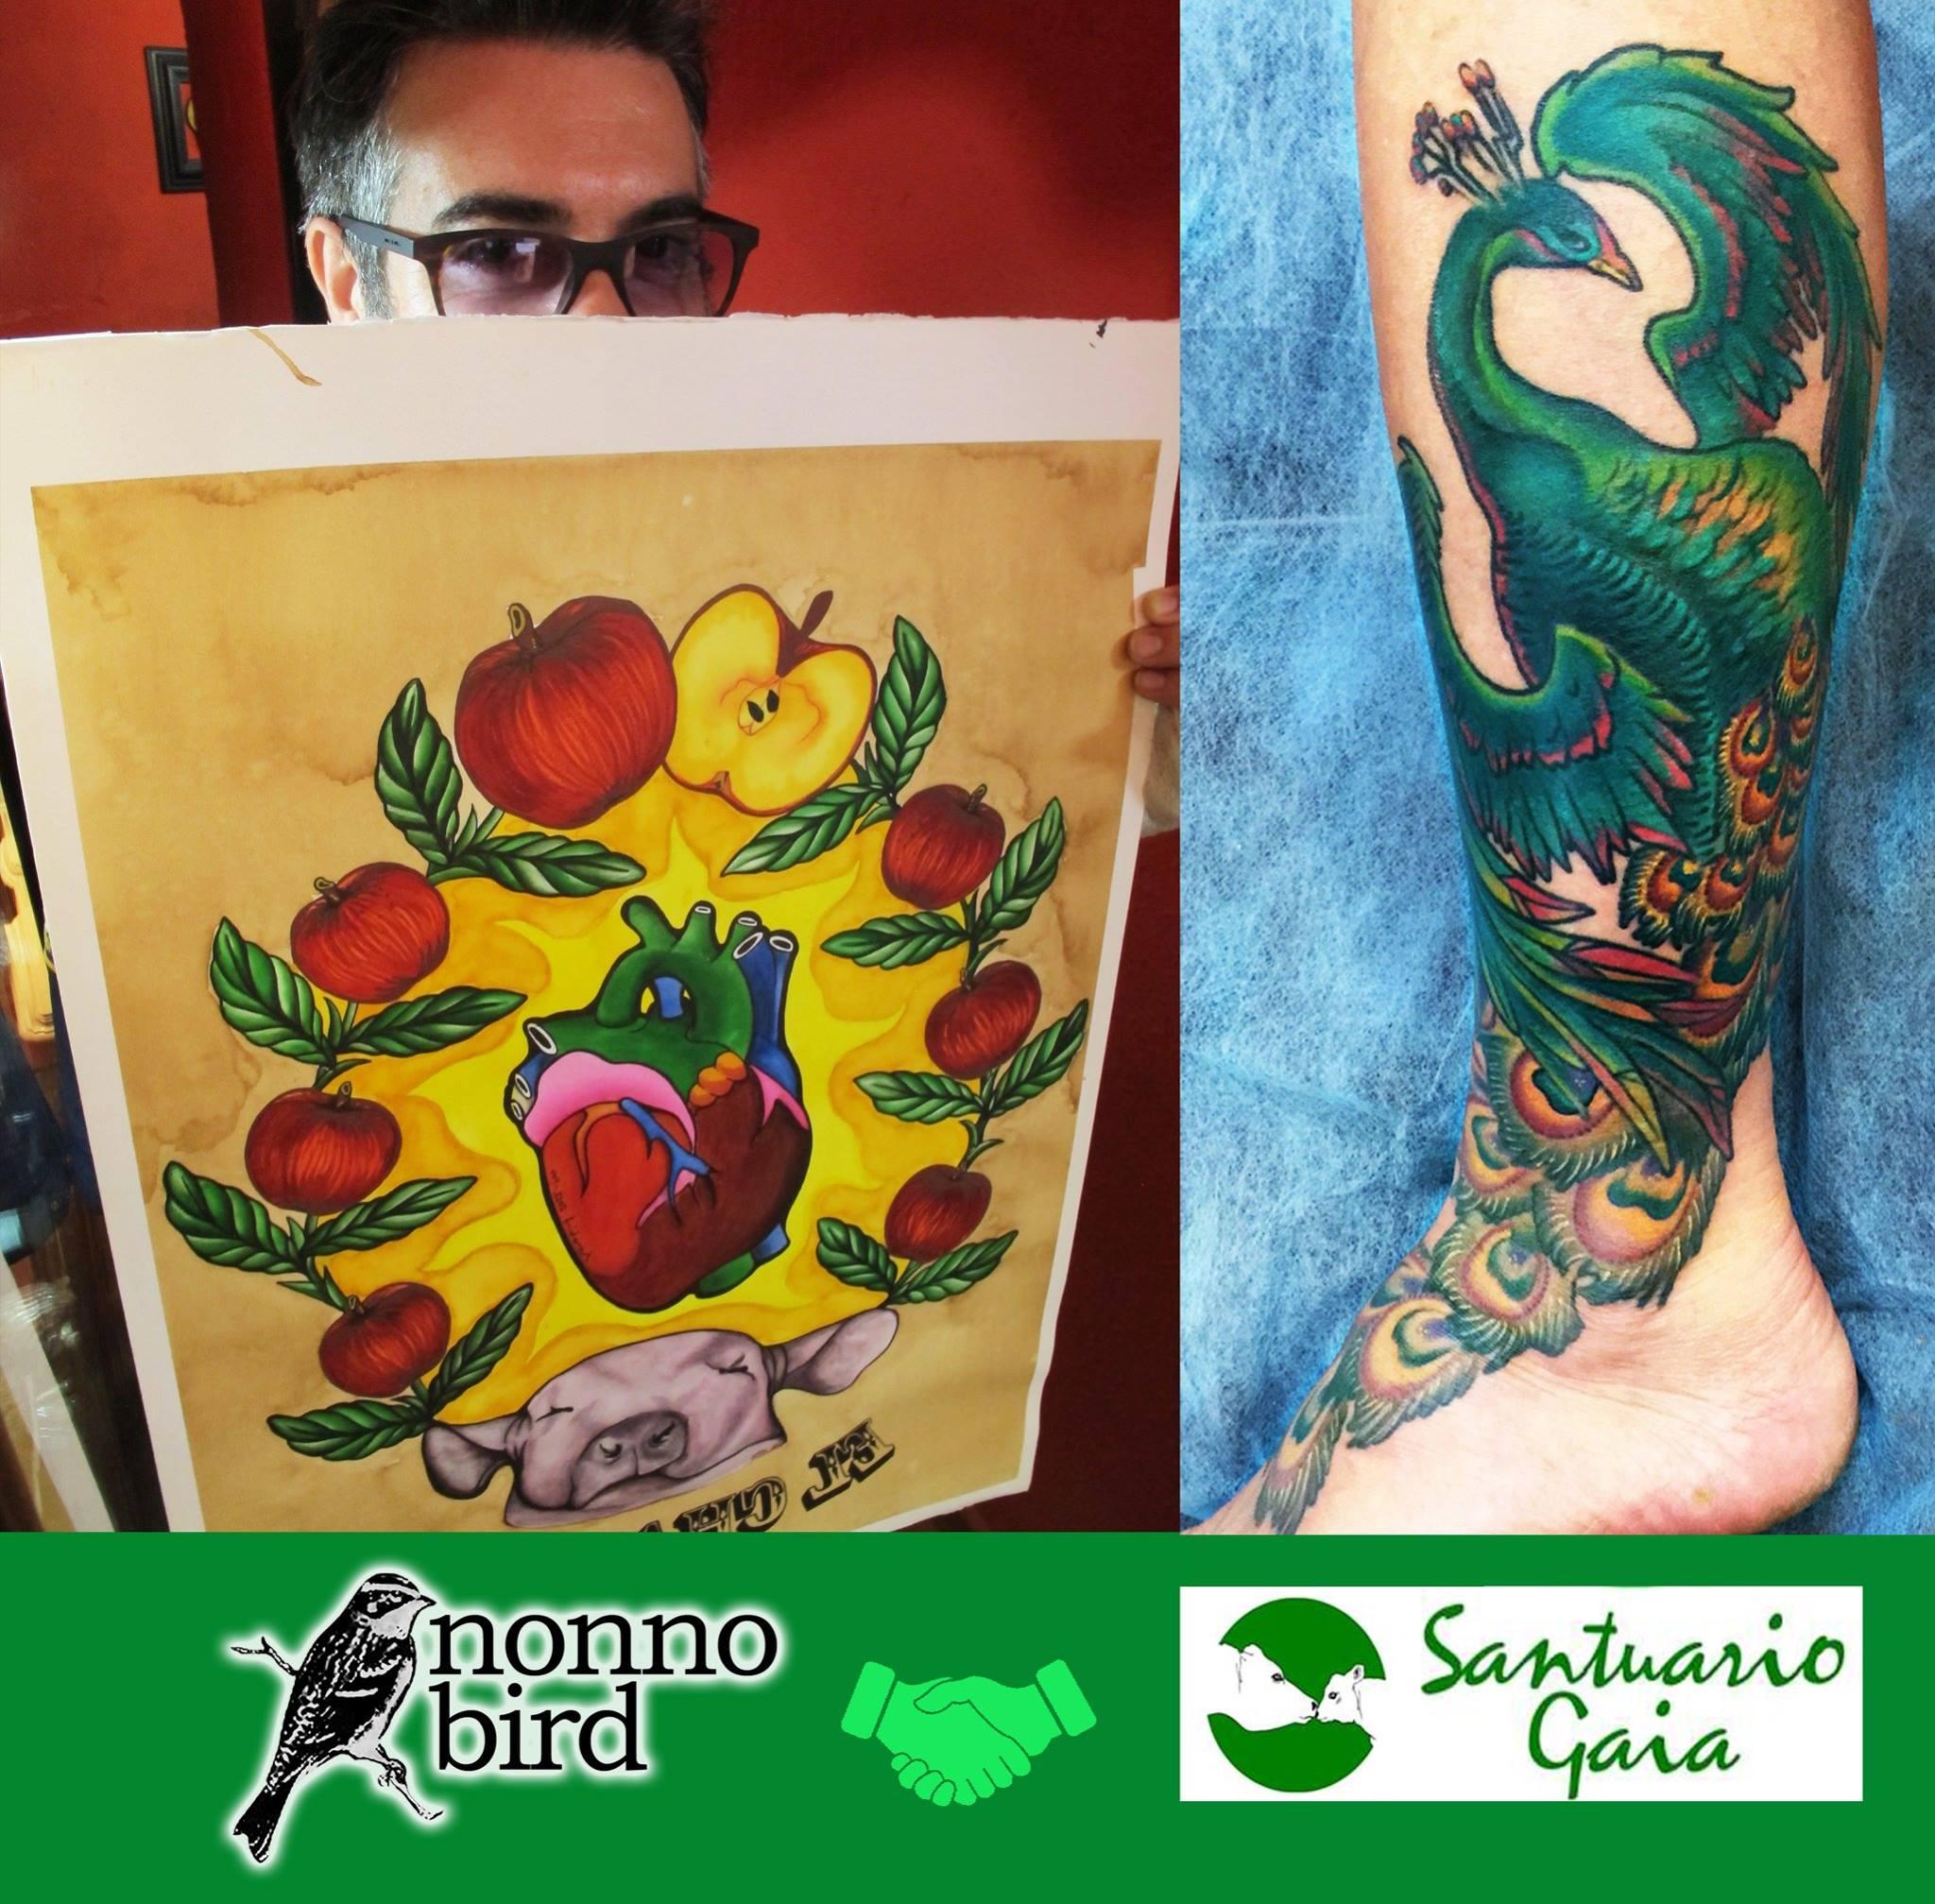 tatuaje nonno bird